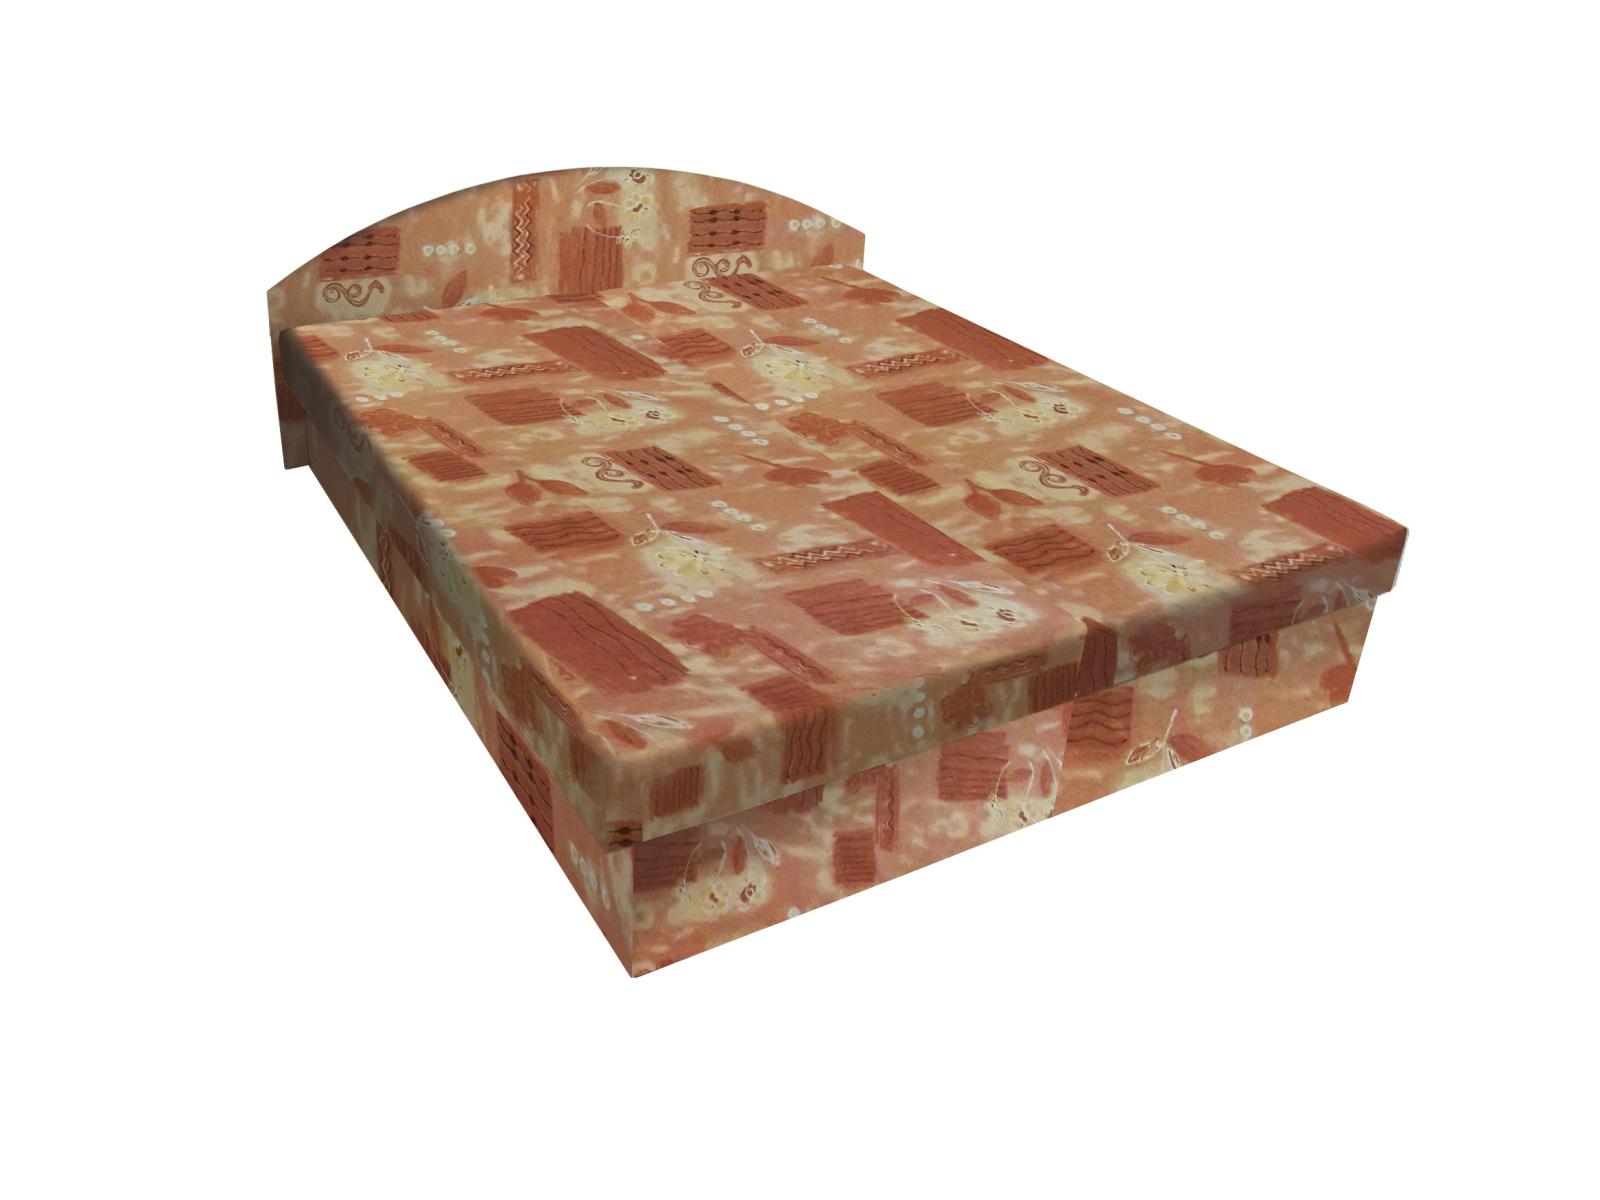 Smartshop Čalouněná postel ÁJA 140x200 cm, hnědá látka